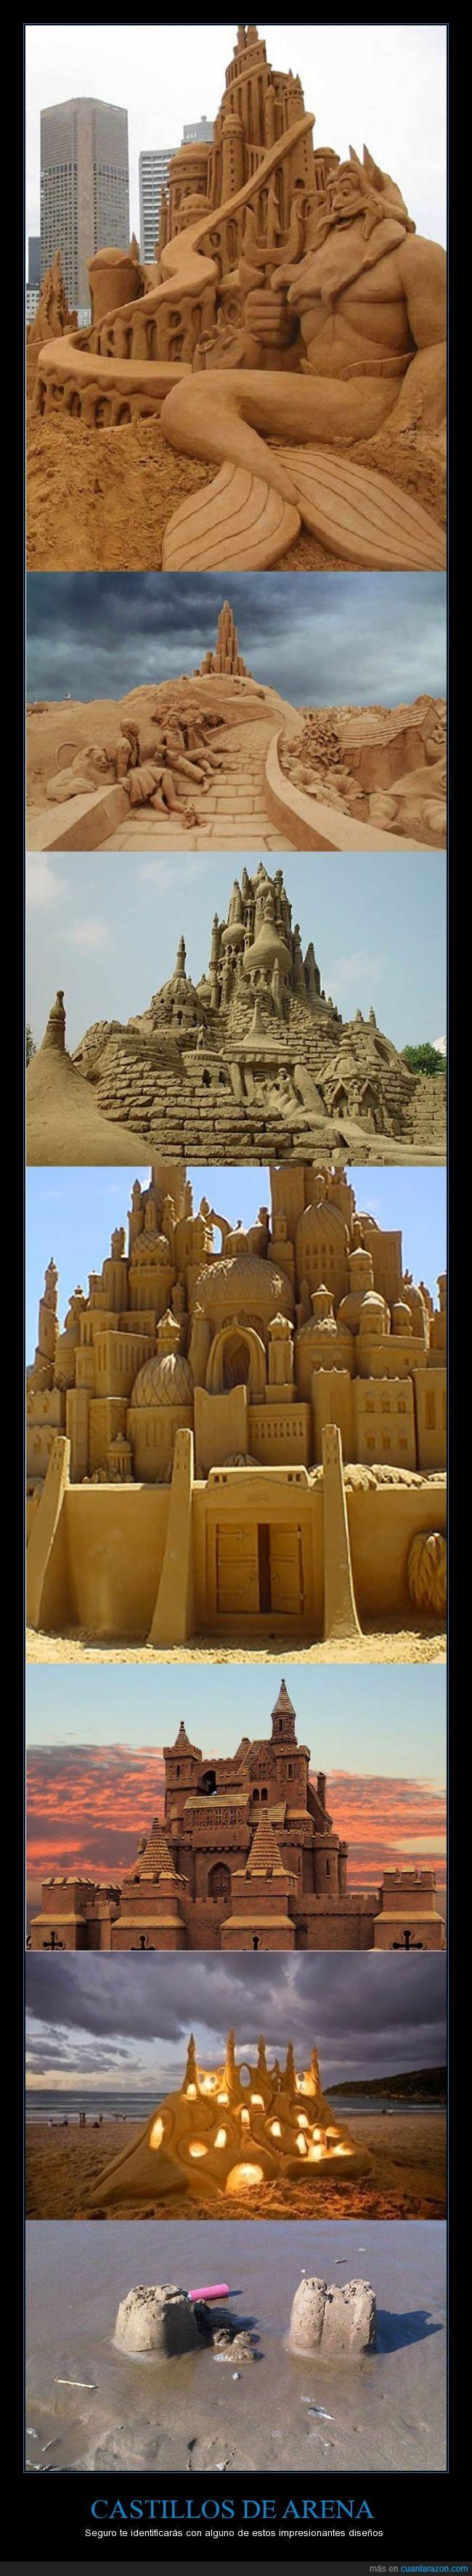 arena,arte,artistas,castillo,improvisar,los mejores,the best,triton,yo sería el último